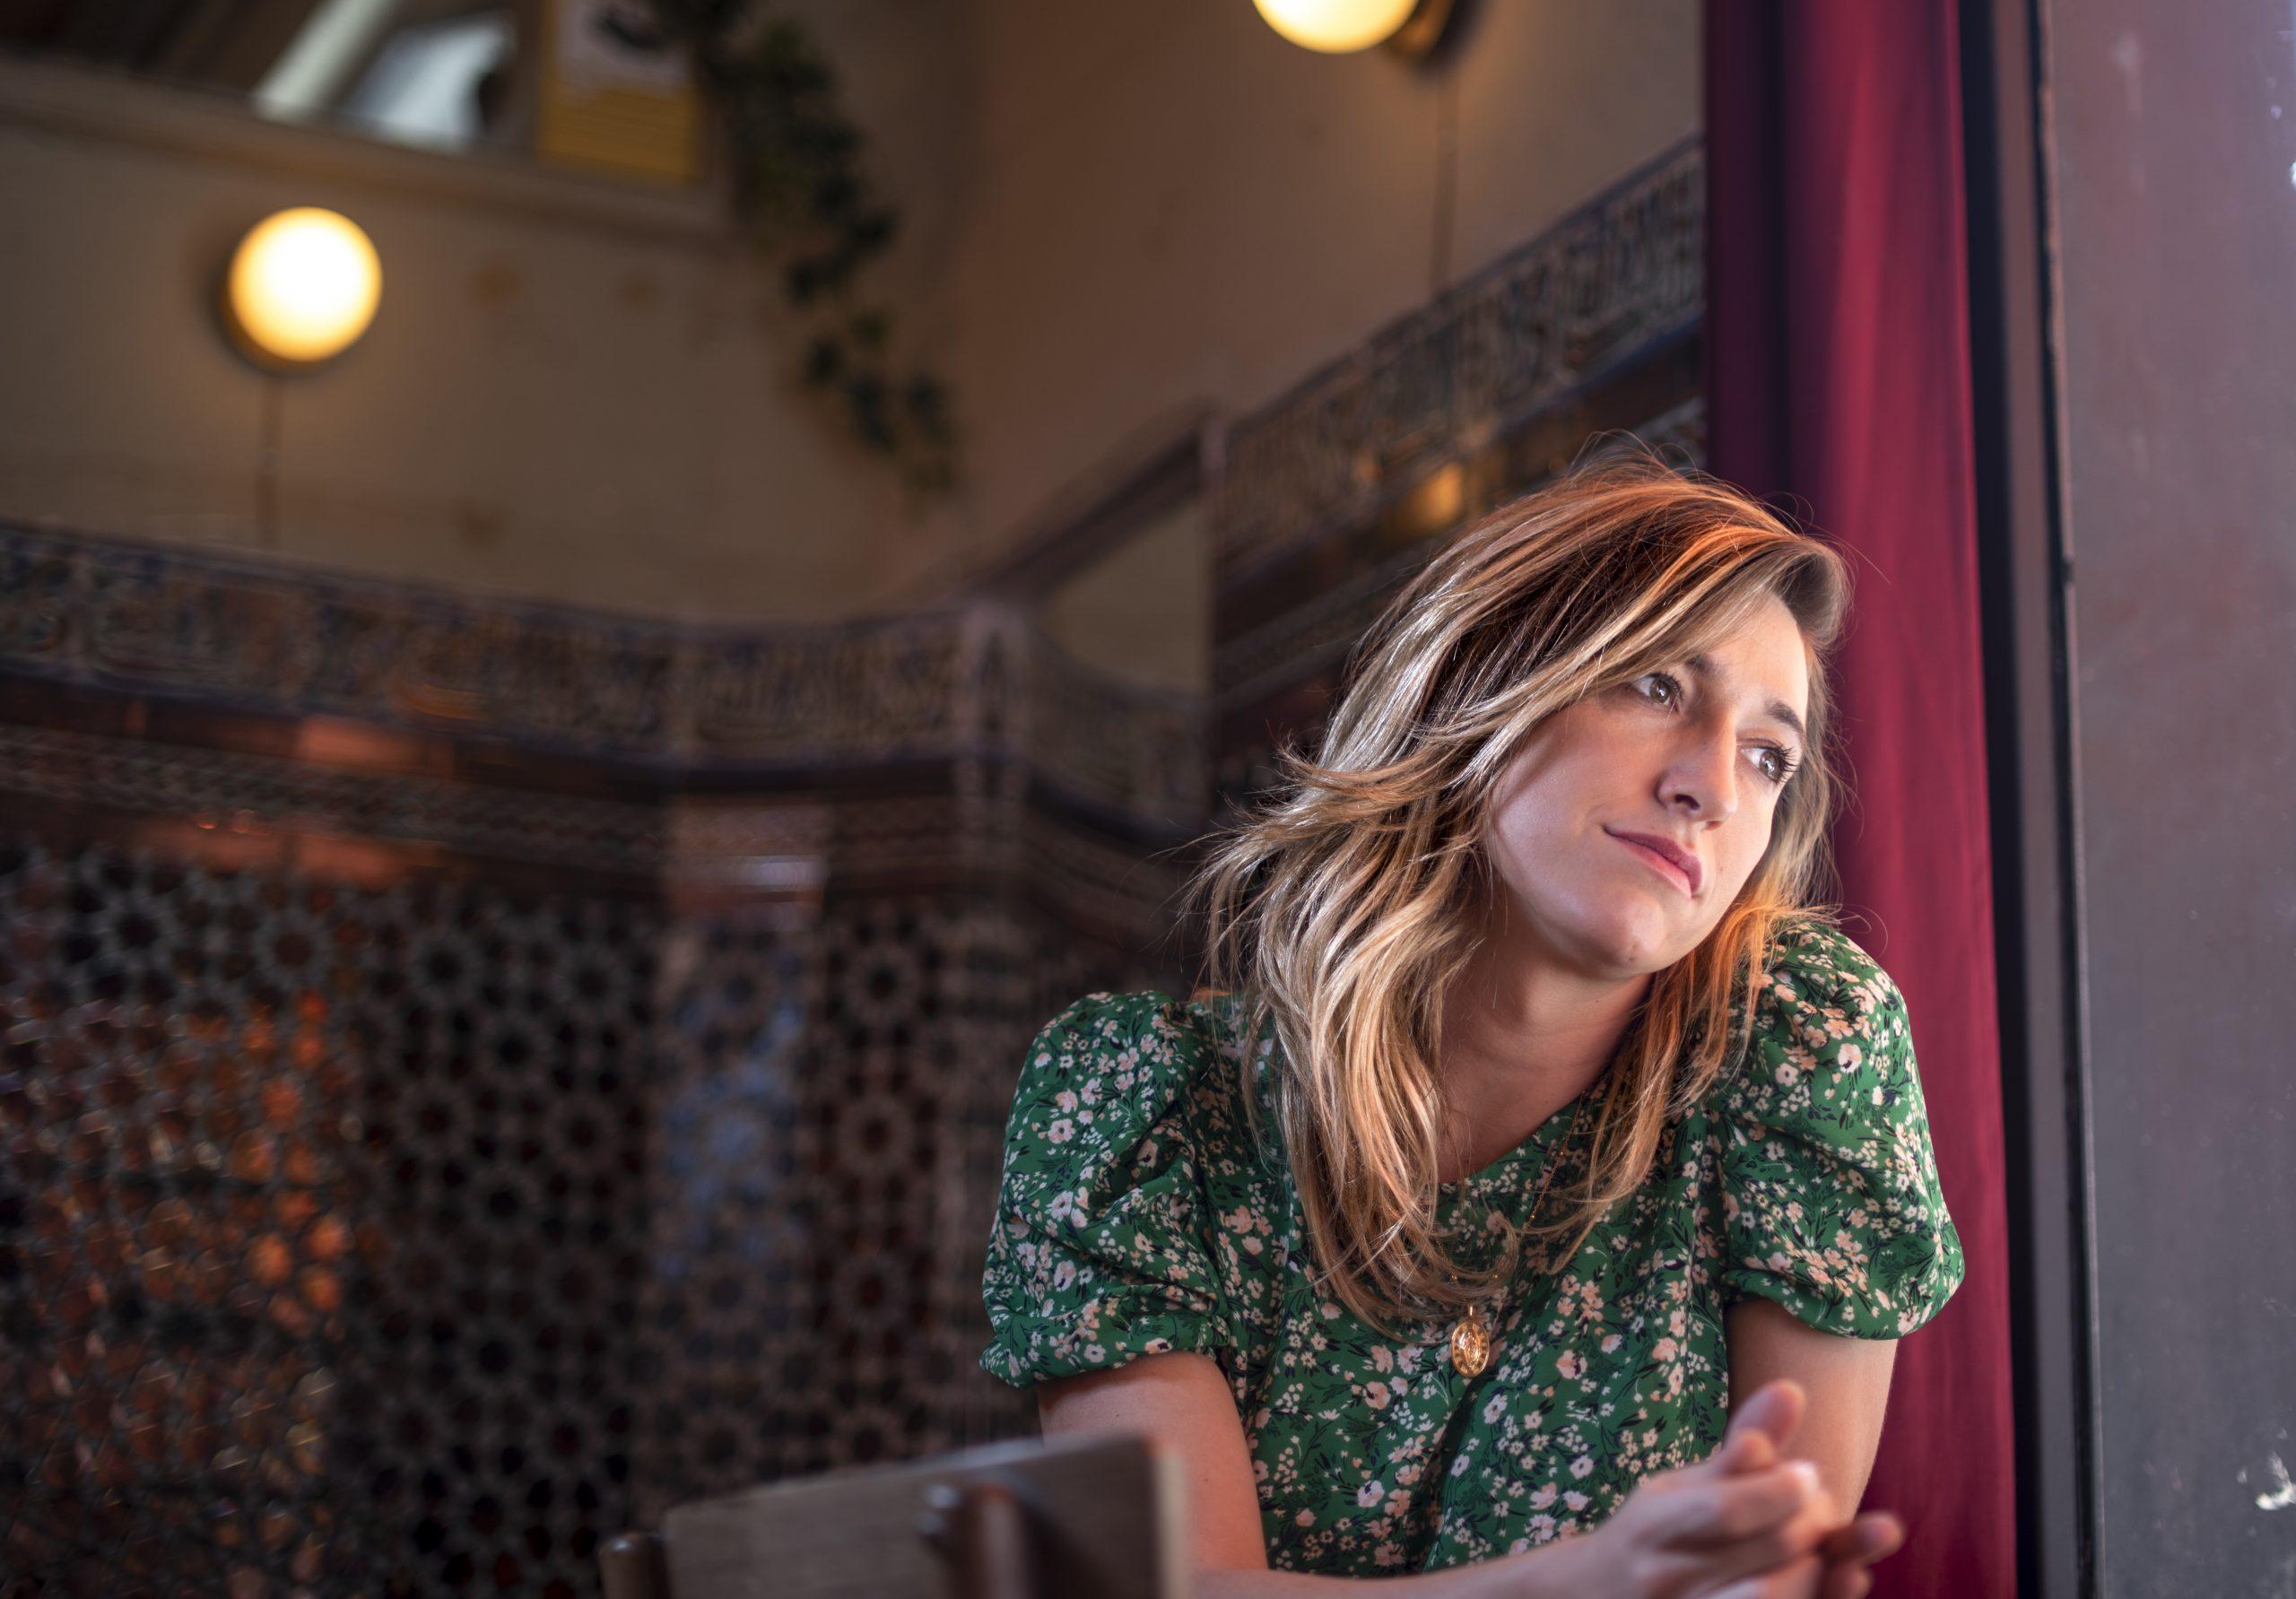 'Todo lo otro', la serie de Abril Zamora, en HBO MAX en la segunda mitad de 2021